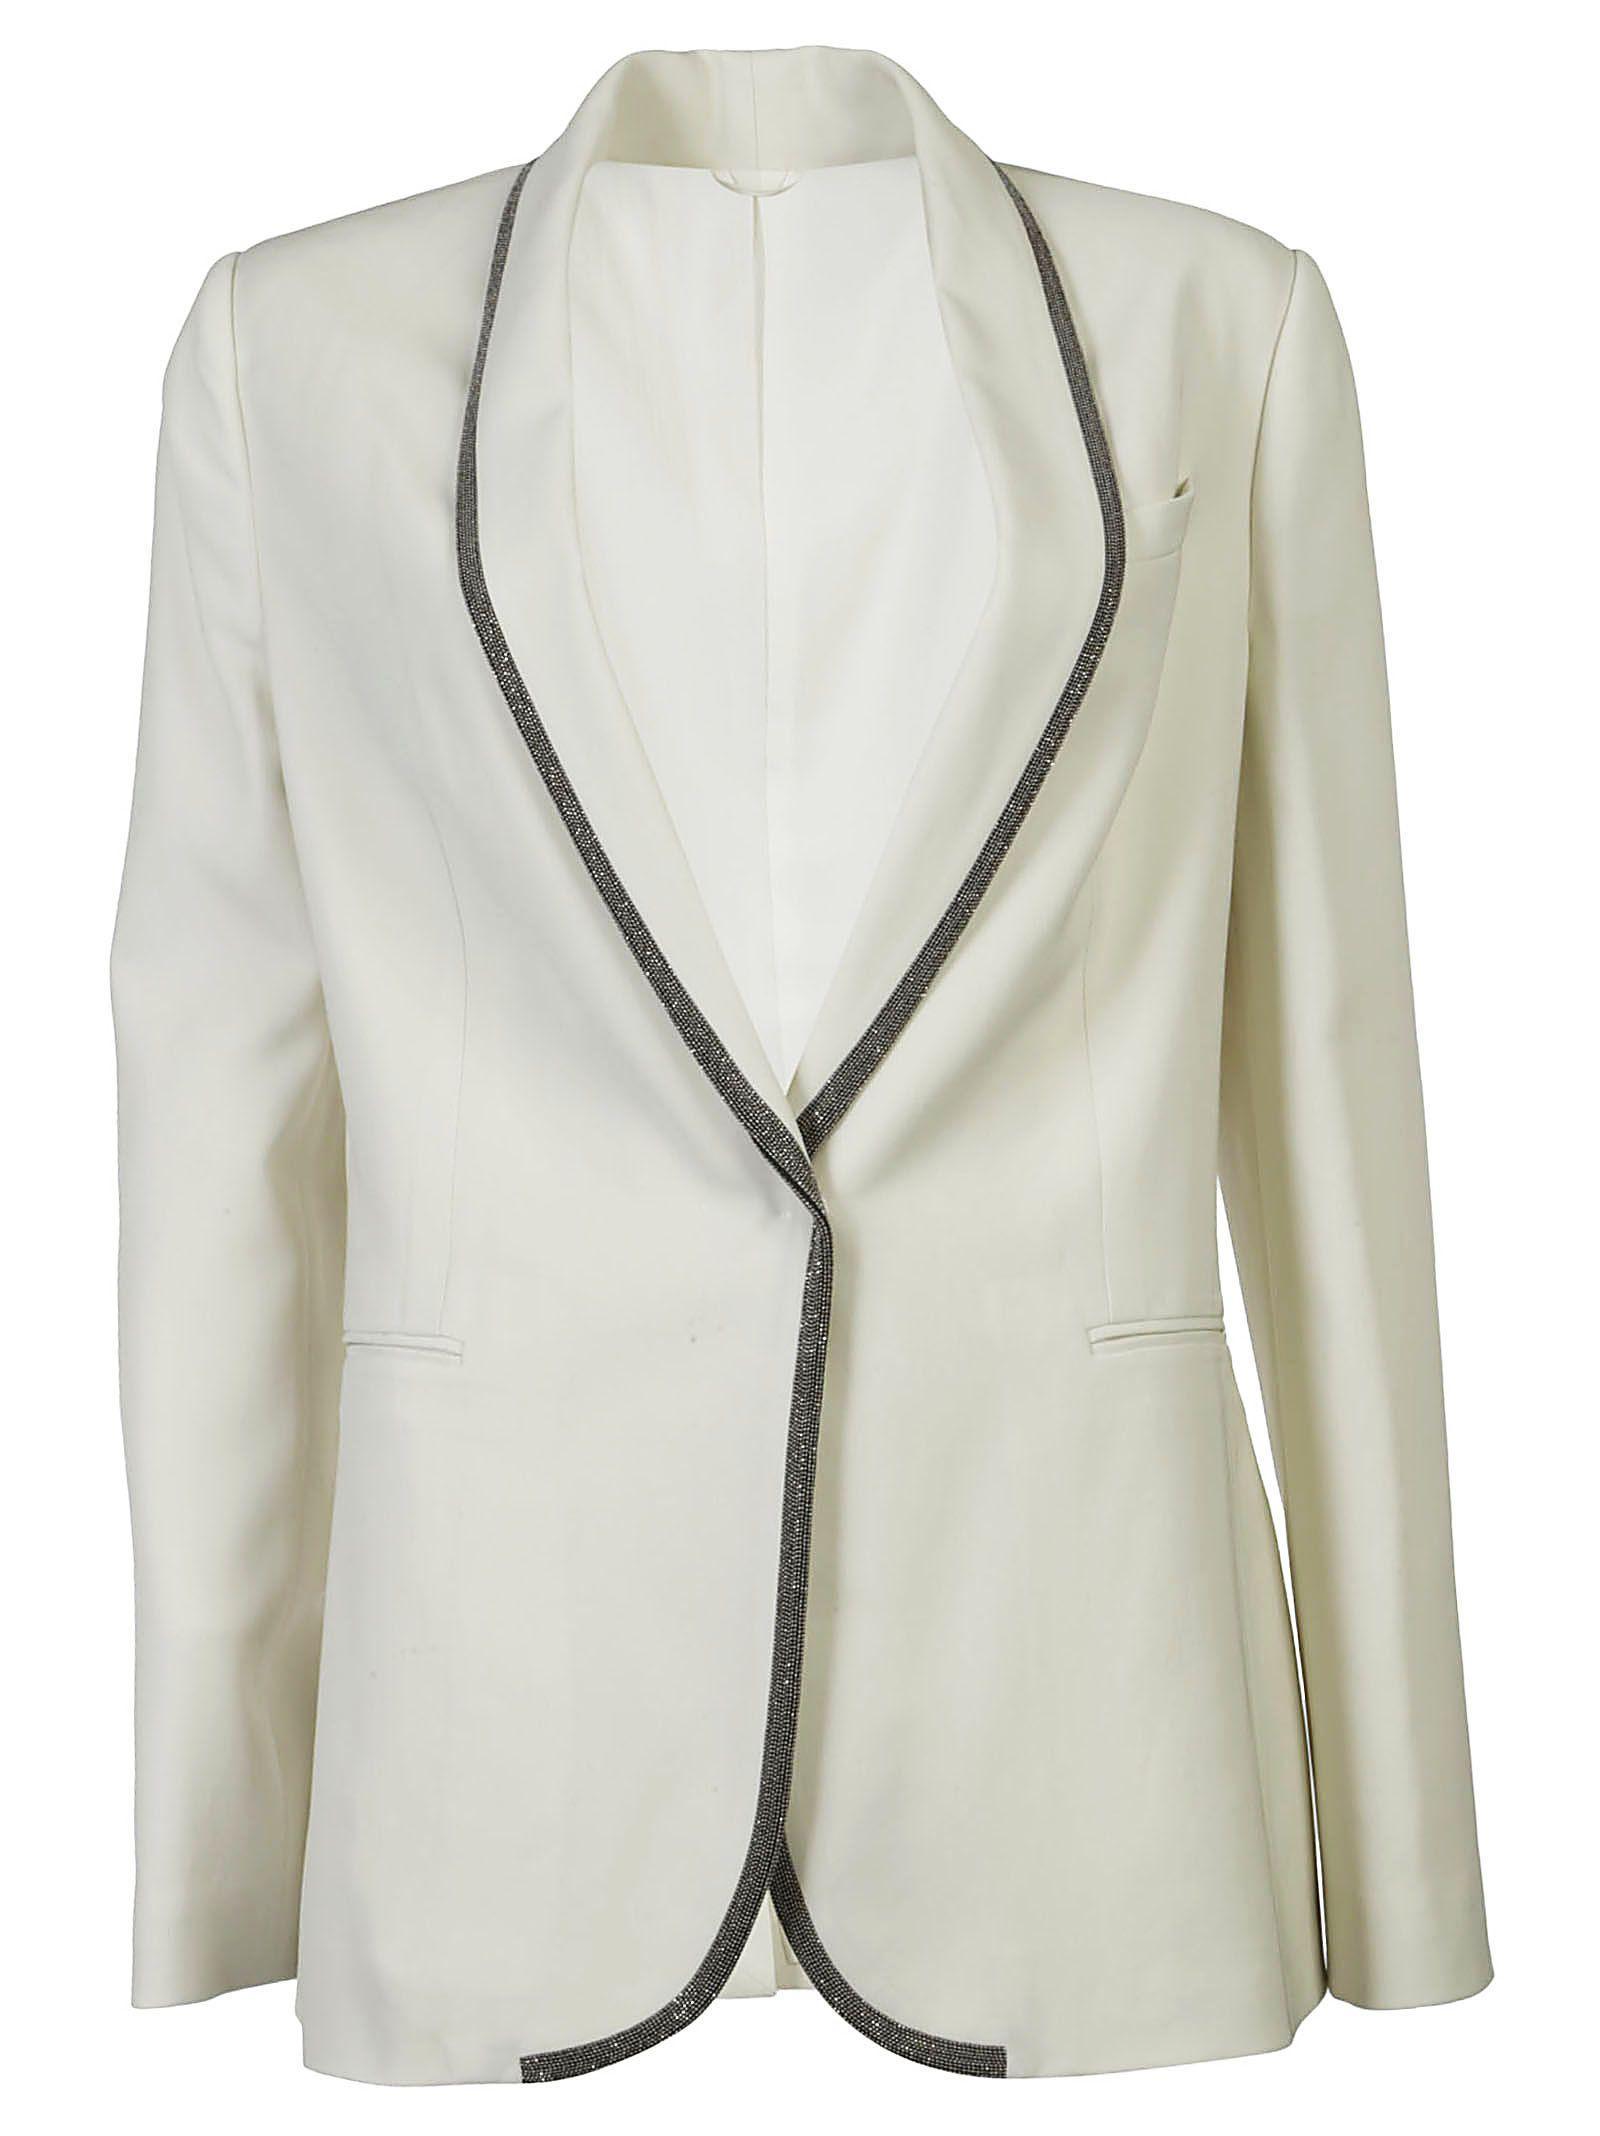 Brunello Cucinelli Branded Tuxedo In Bianco